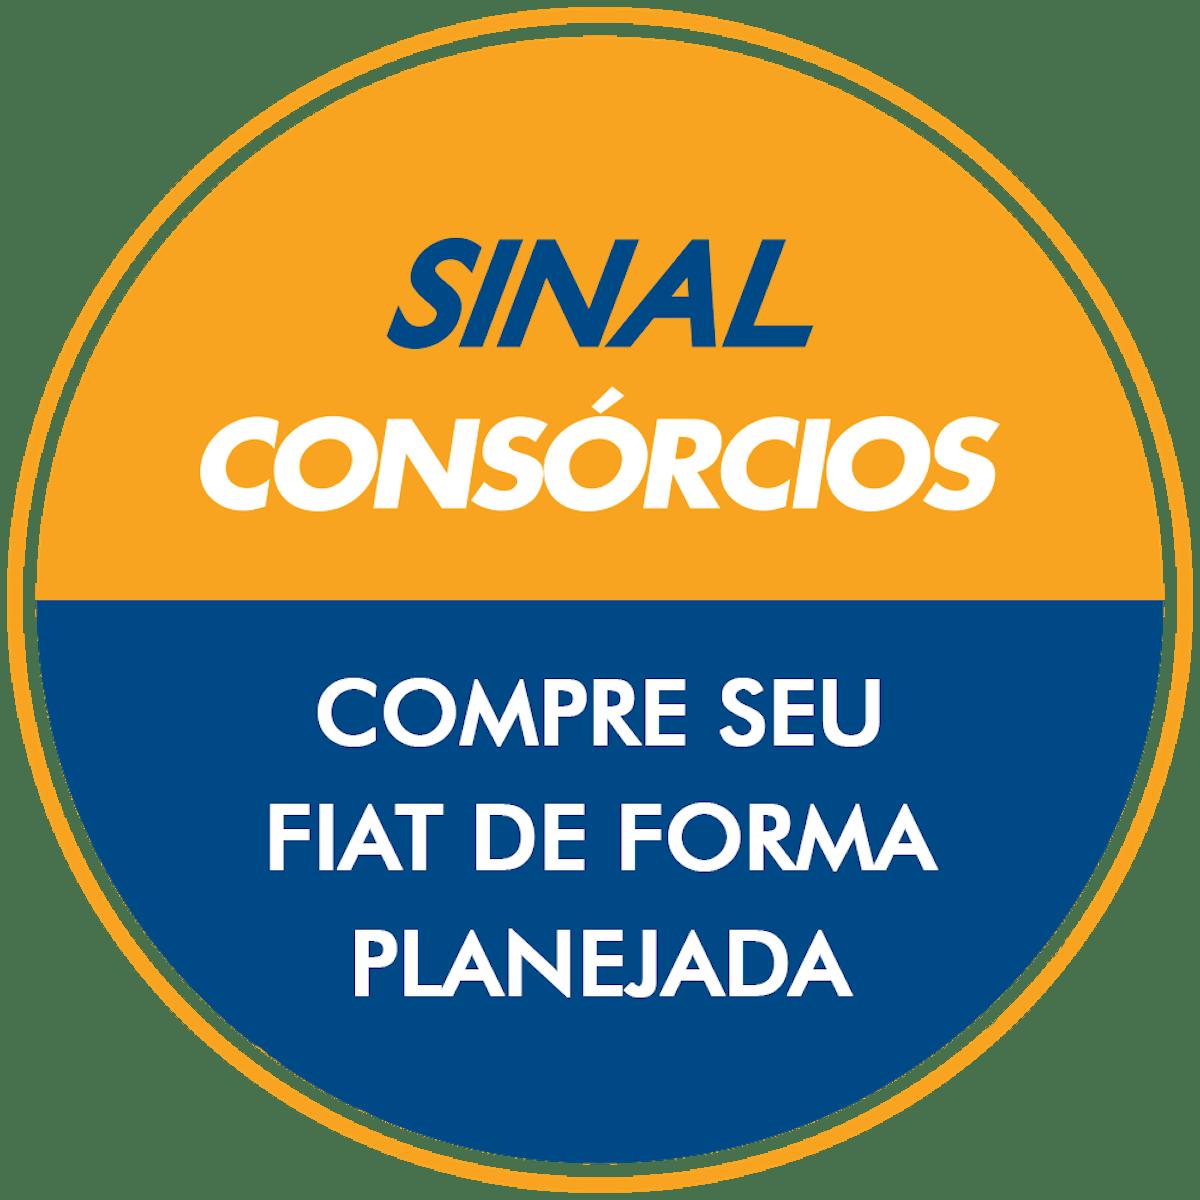 Fiat Sinal Consórcio